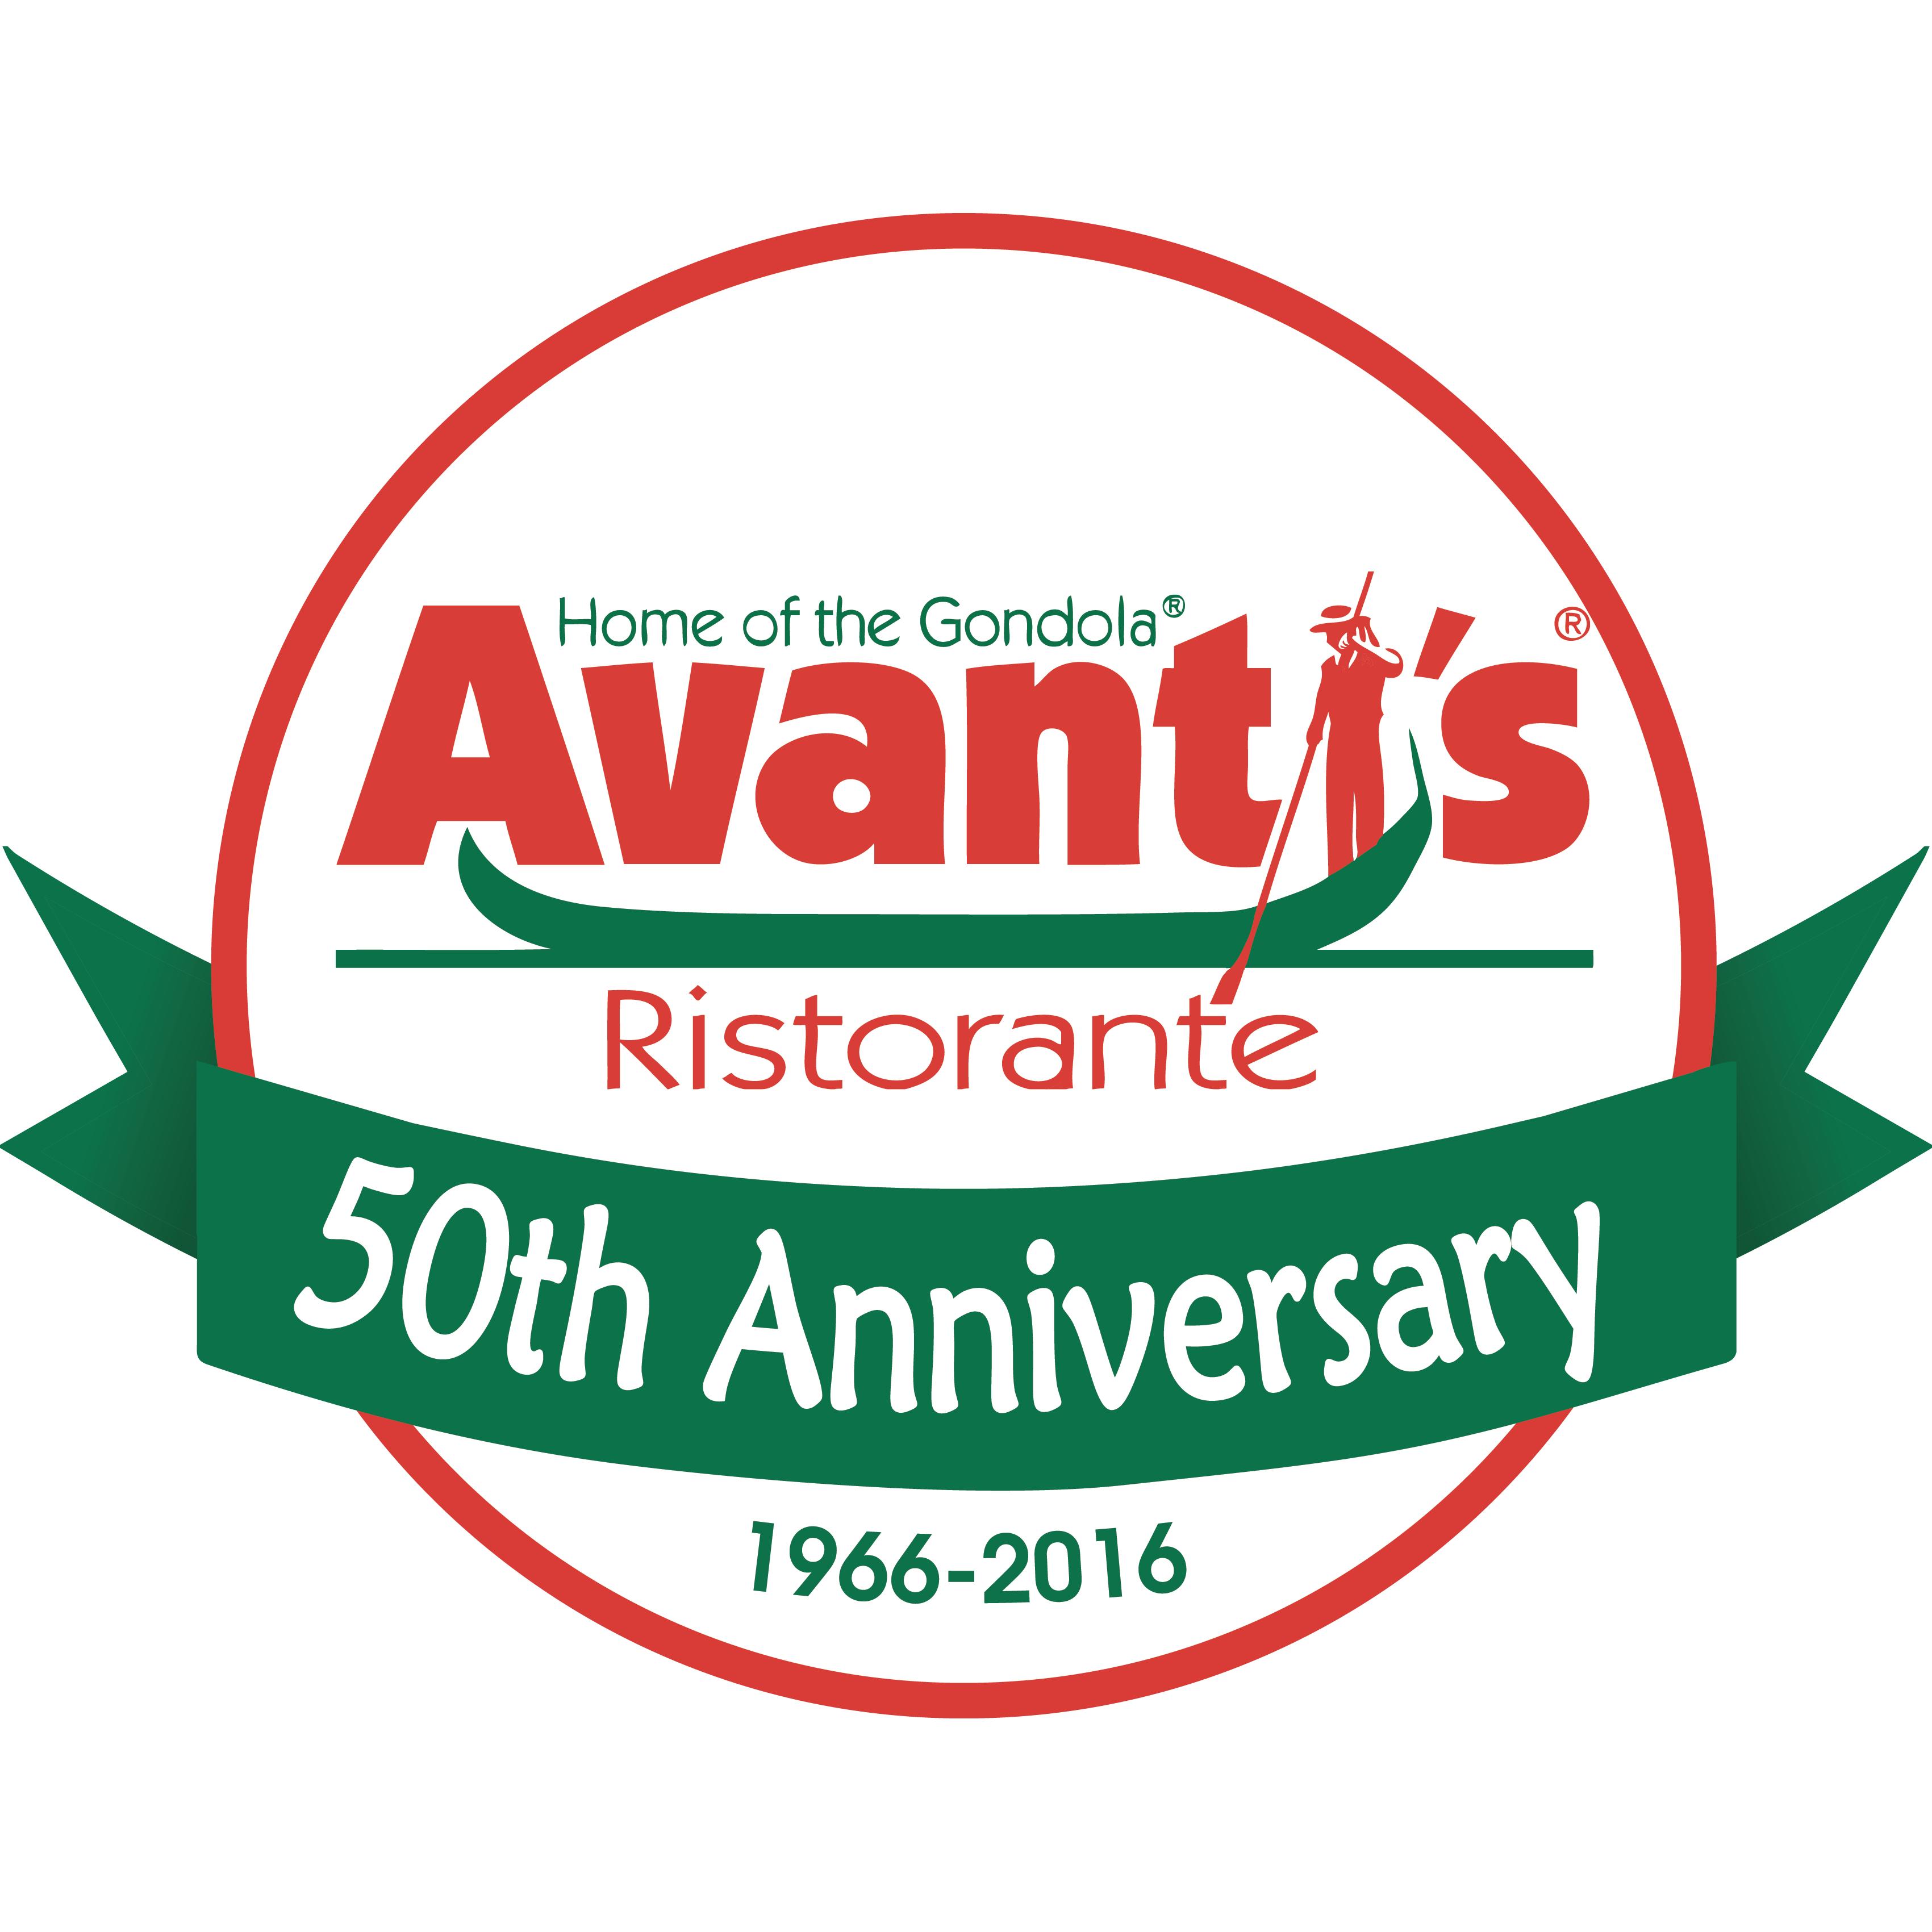 Avanti's Italian Restaurant - East Peoria image 1